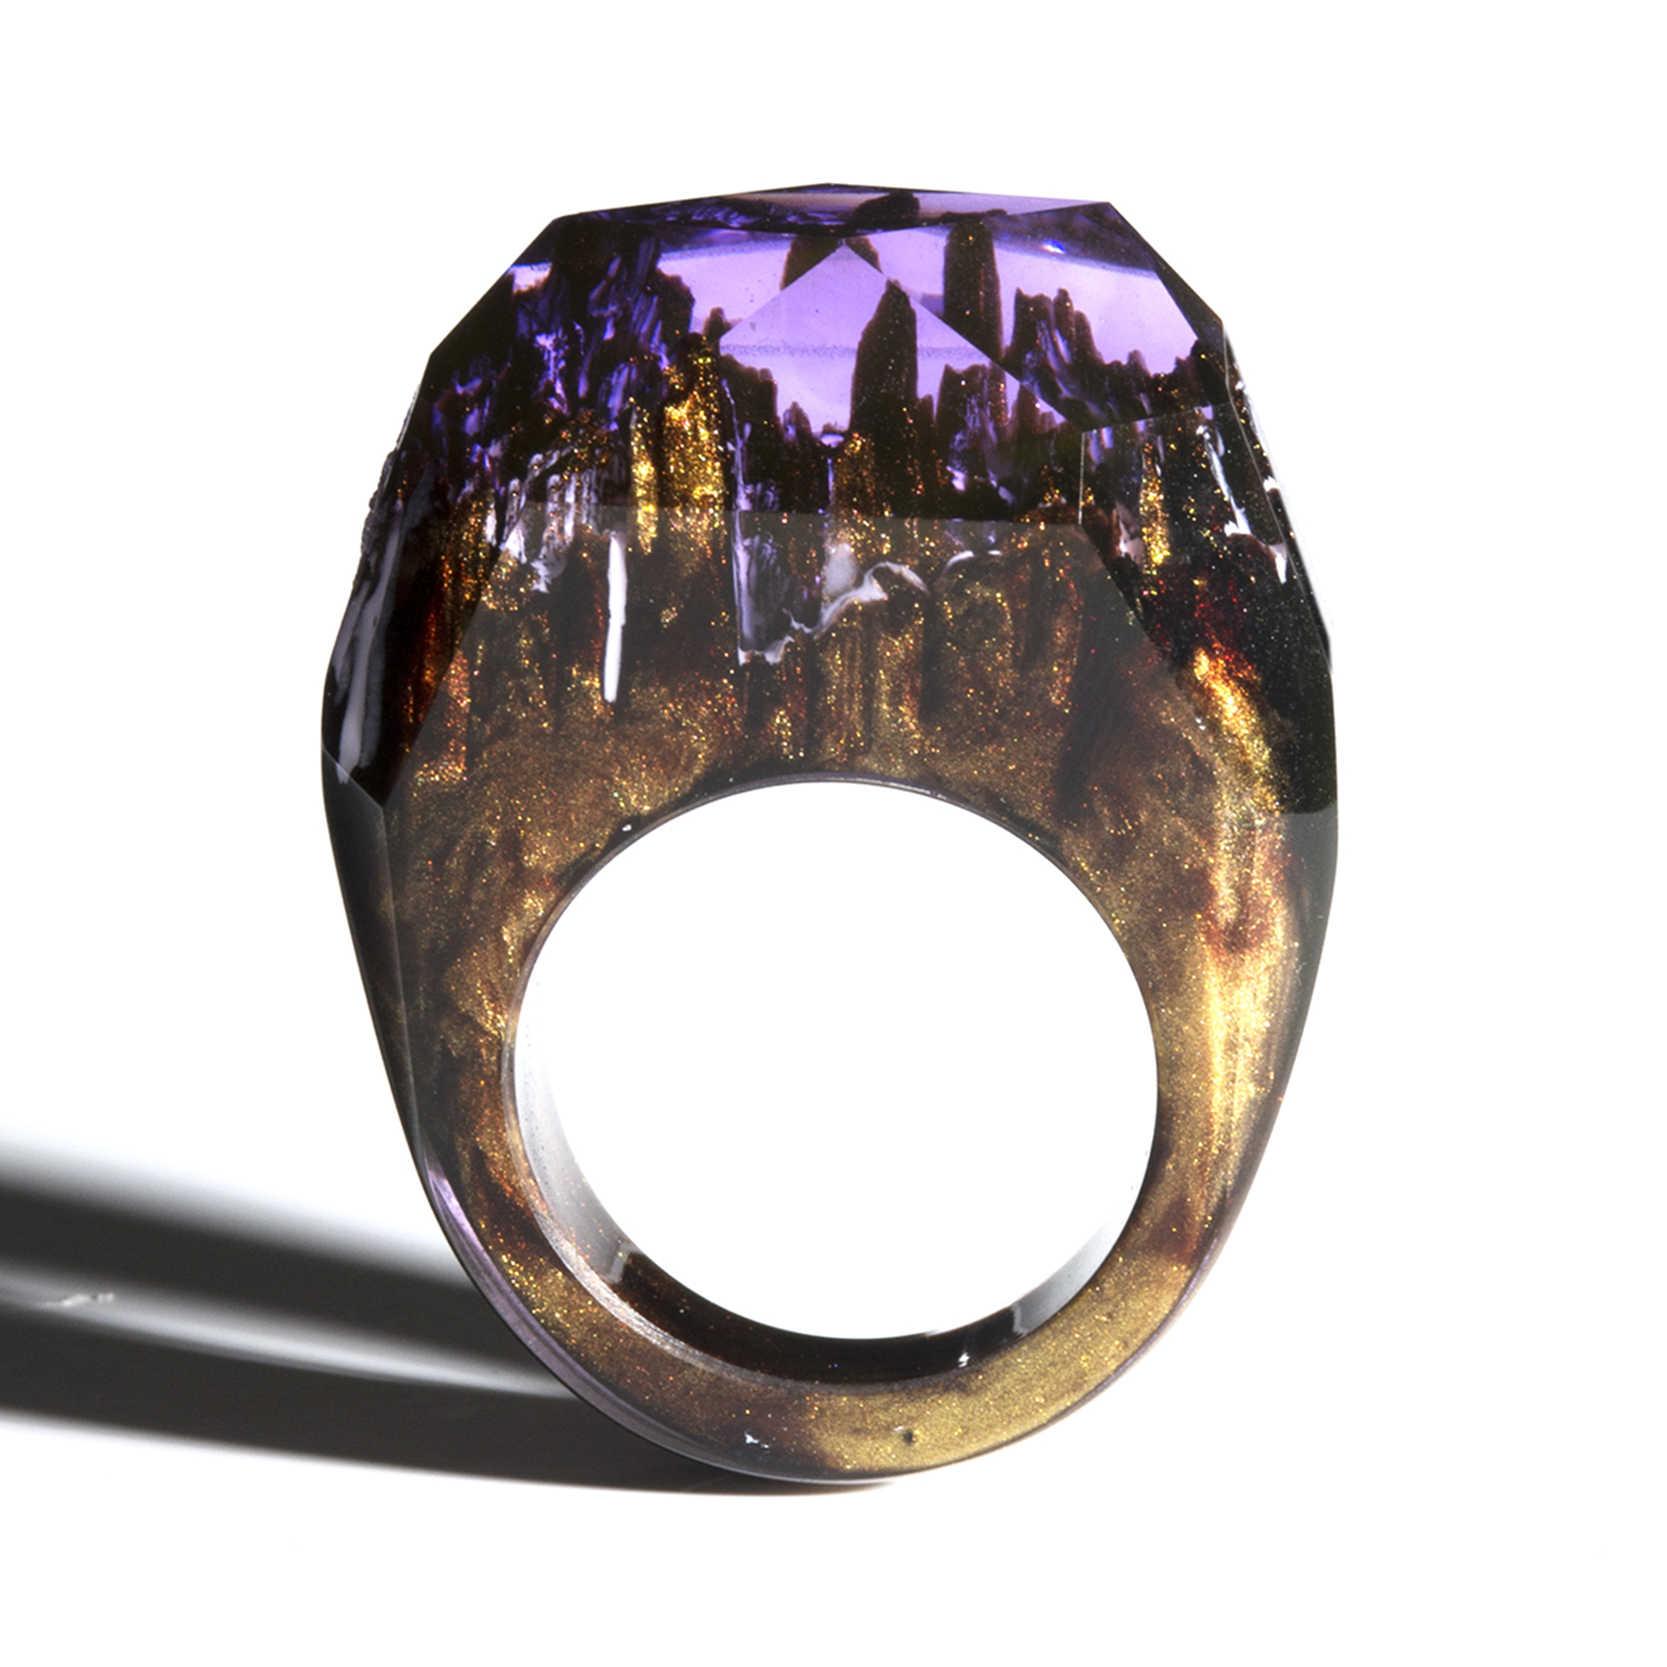 Żywica świecąca pierścień biżuteria epoksydowa drewno sekret magicznego świata w maleńkim krajobrazie świecącym w ciemności